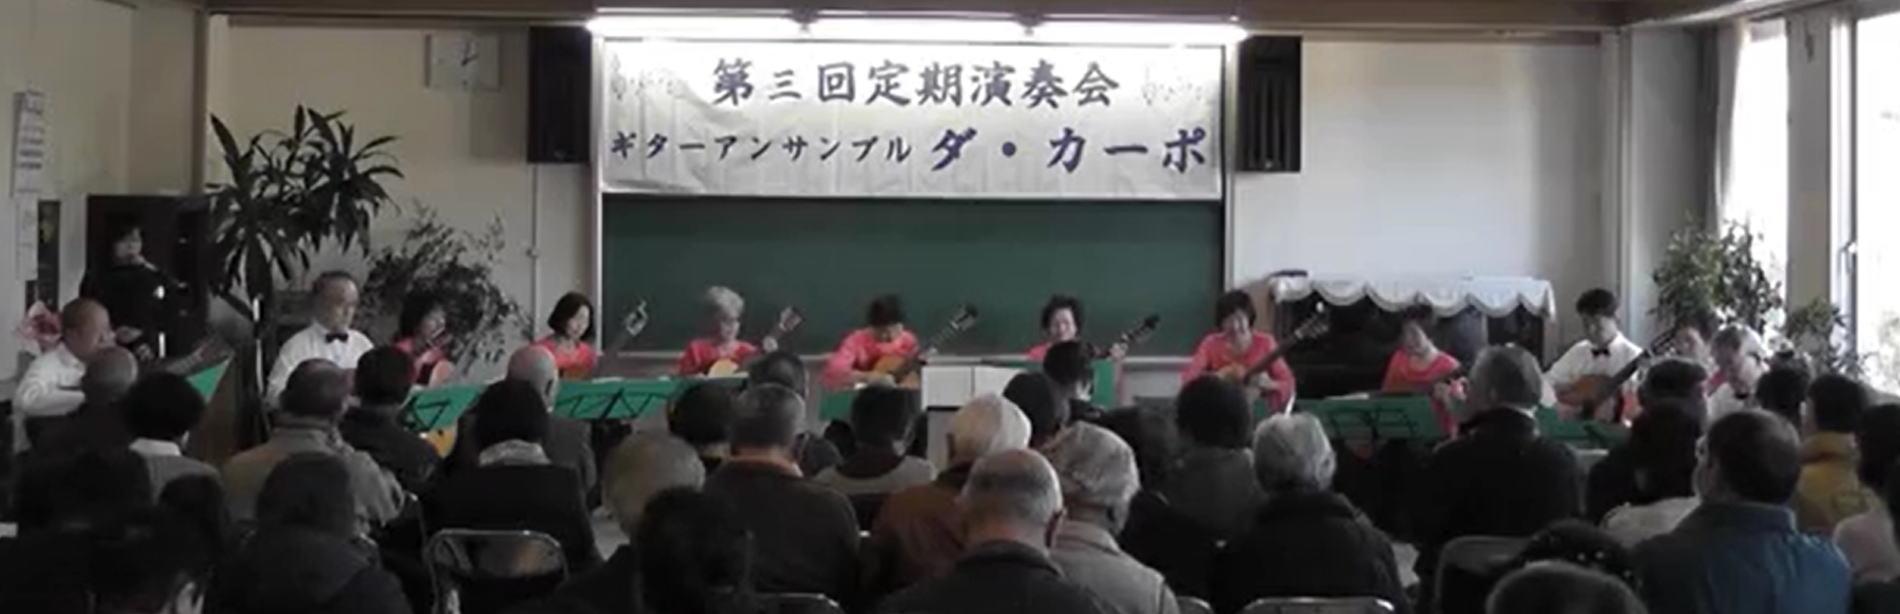 ギターアンサンブル ダ・カーポ